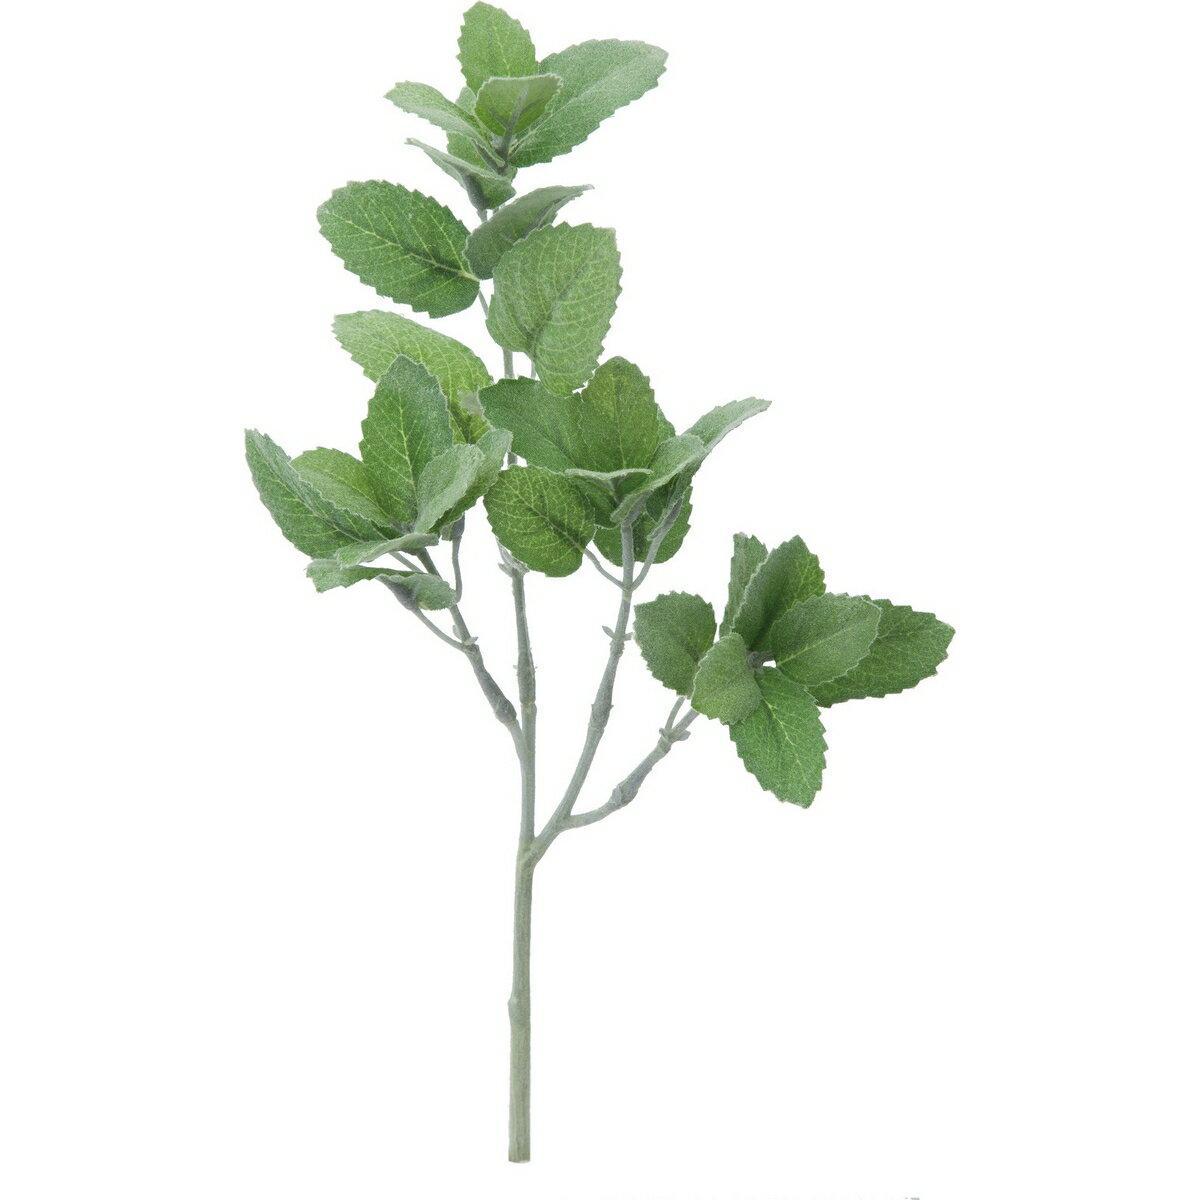 即日 【造花】YDM/ミント グリーン/FGH-0006-GR《 造花(アーティフィシャルフラワー) 造花葉物、フェイクグリーン ミント 》